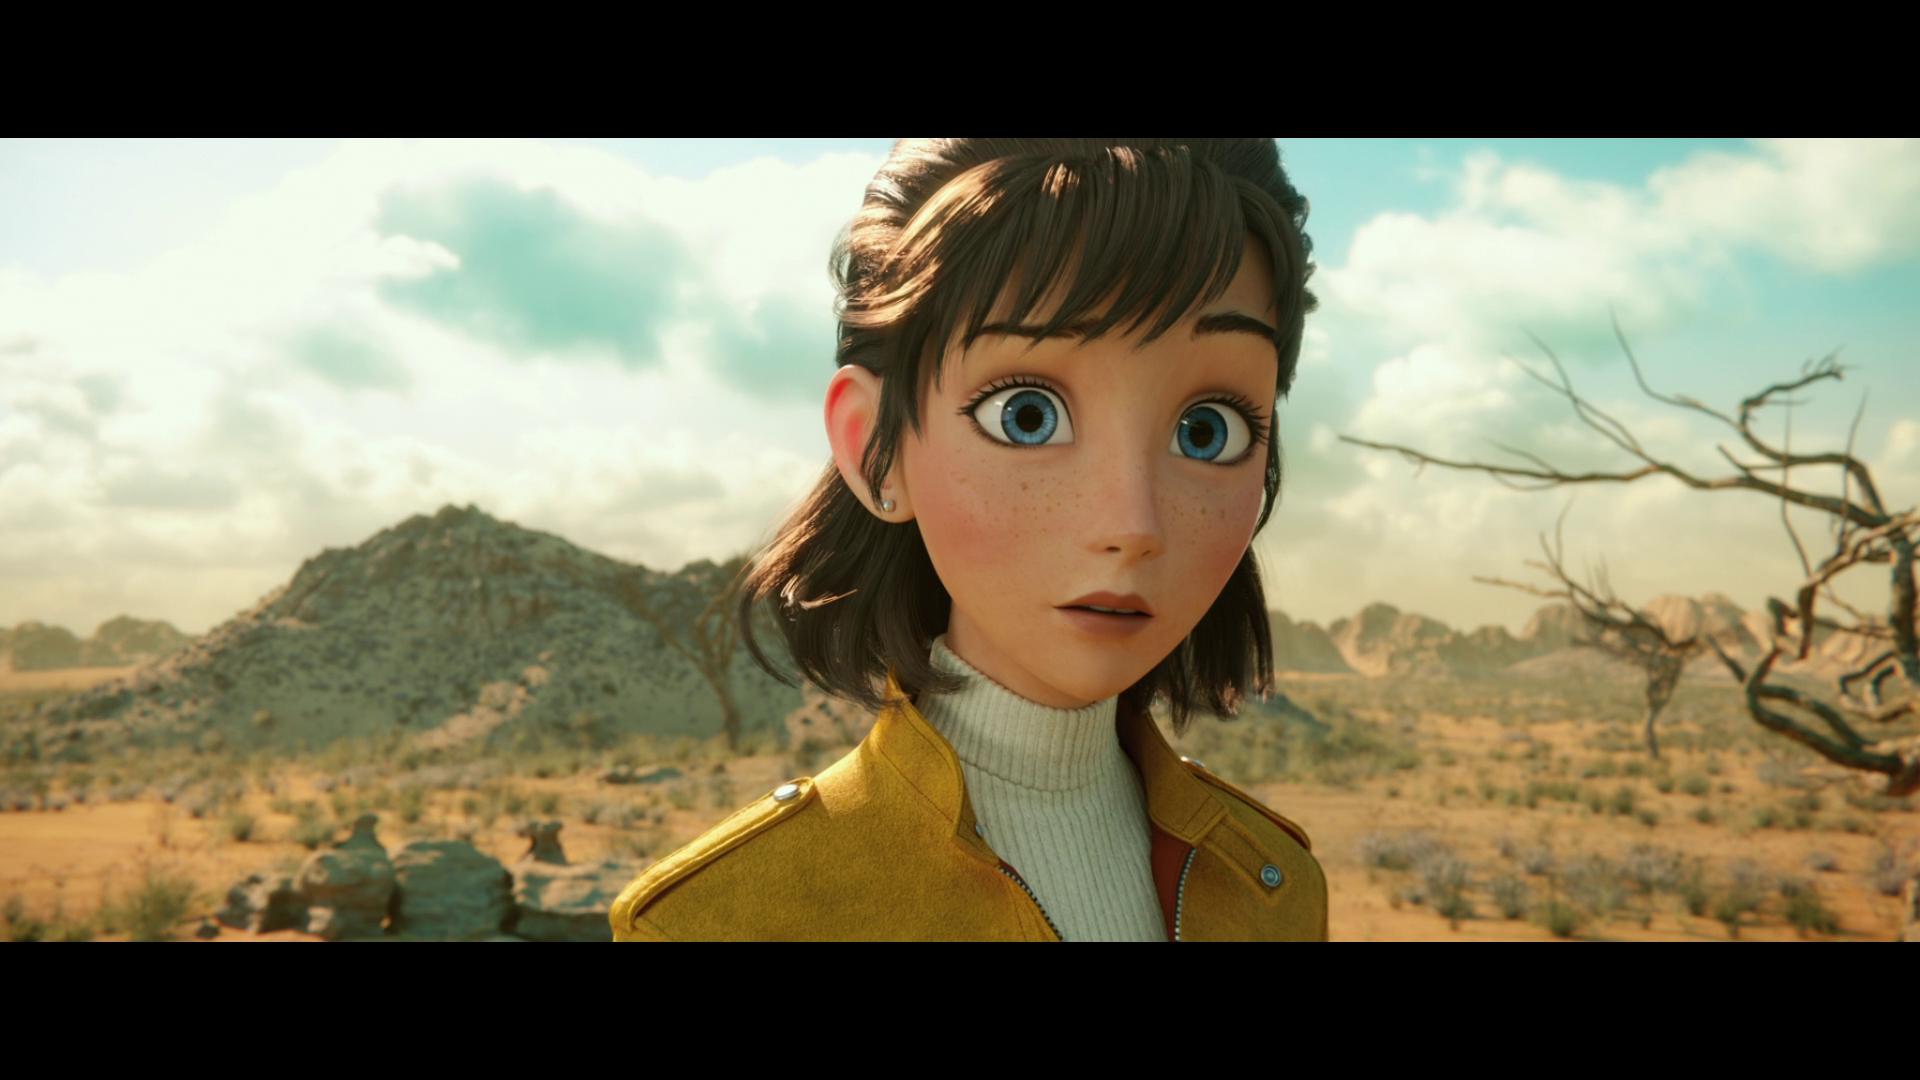 Lupin III: The First (2019) 1080p BDrip Latino